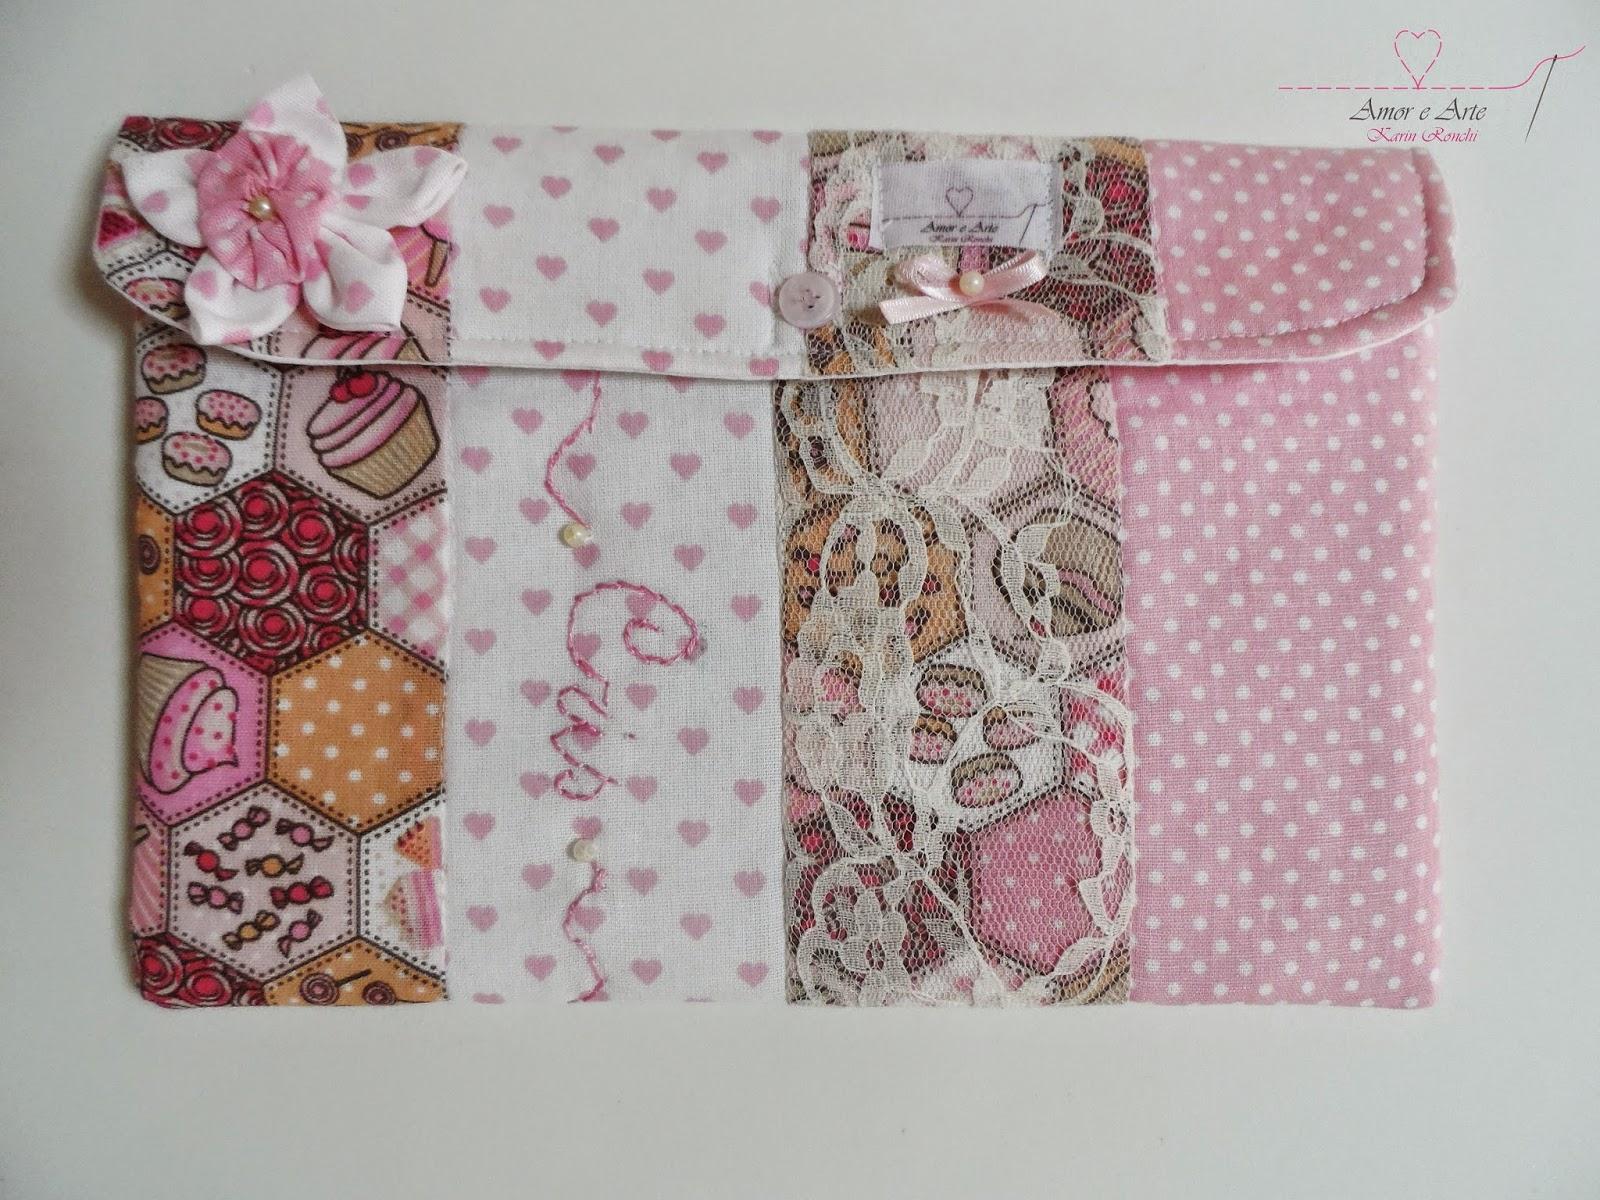 Case para Tablet 7 polegadas em tecido e personalizado, mix de estampa em cor de rosa